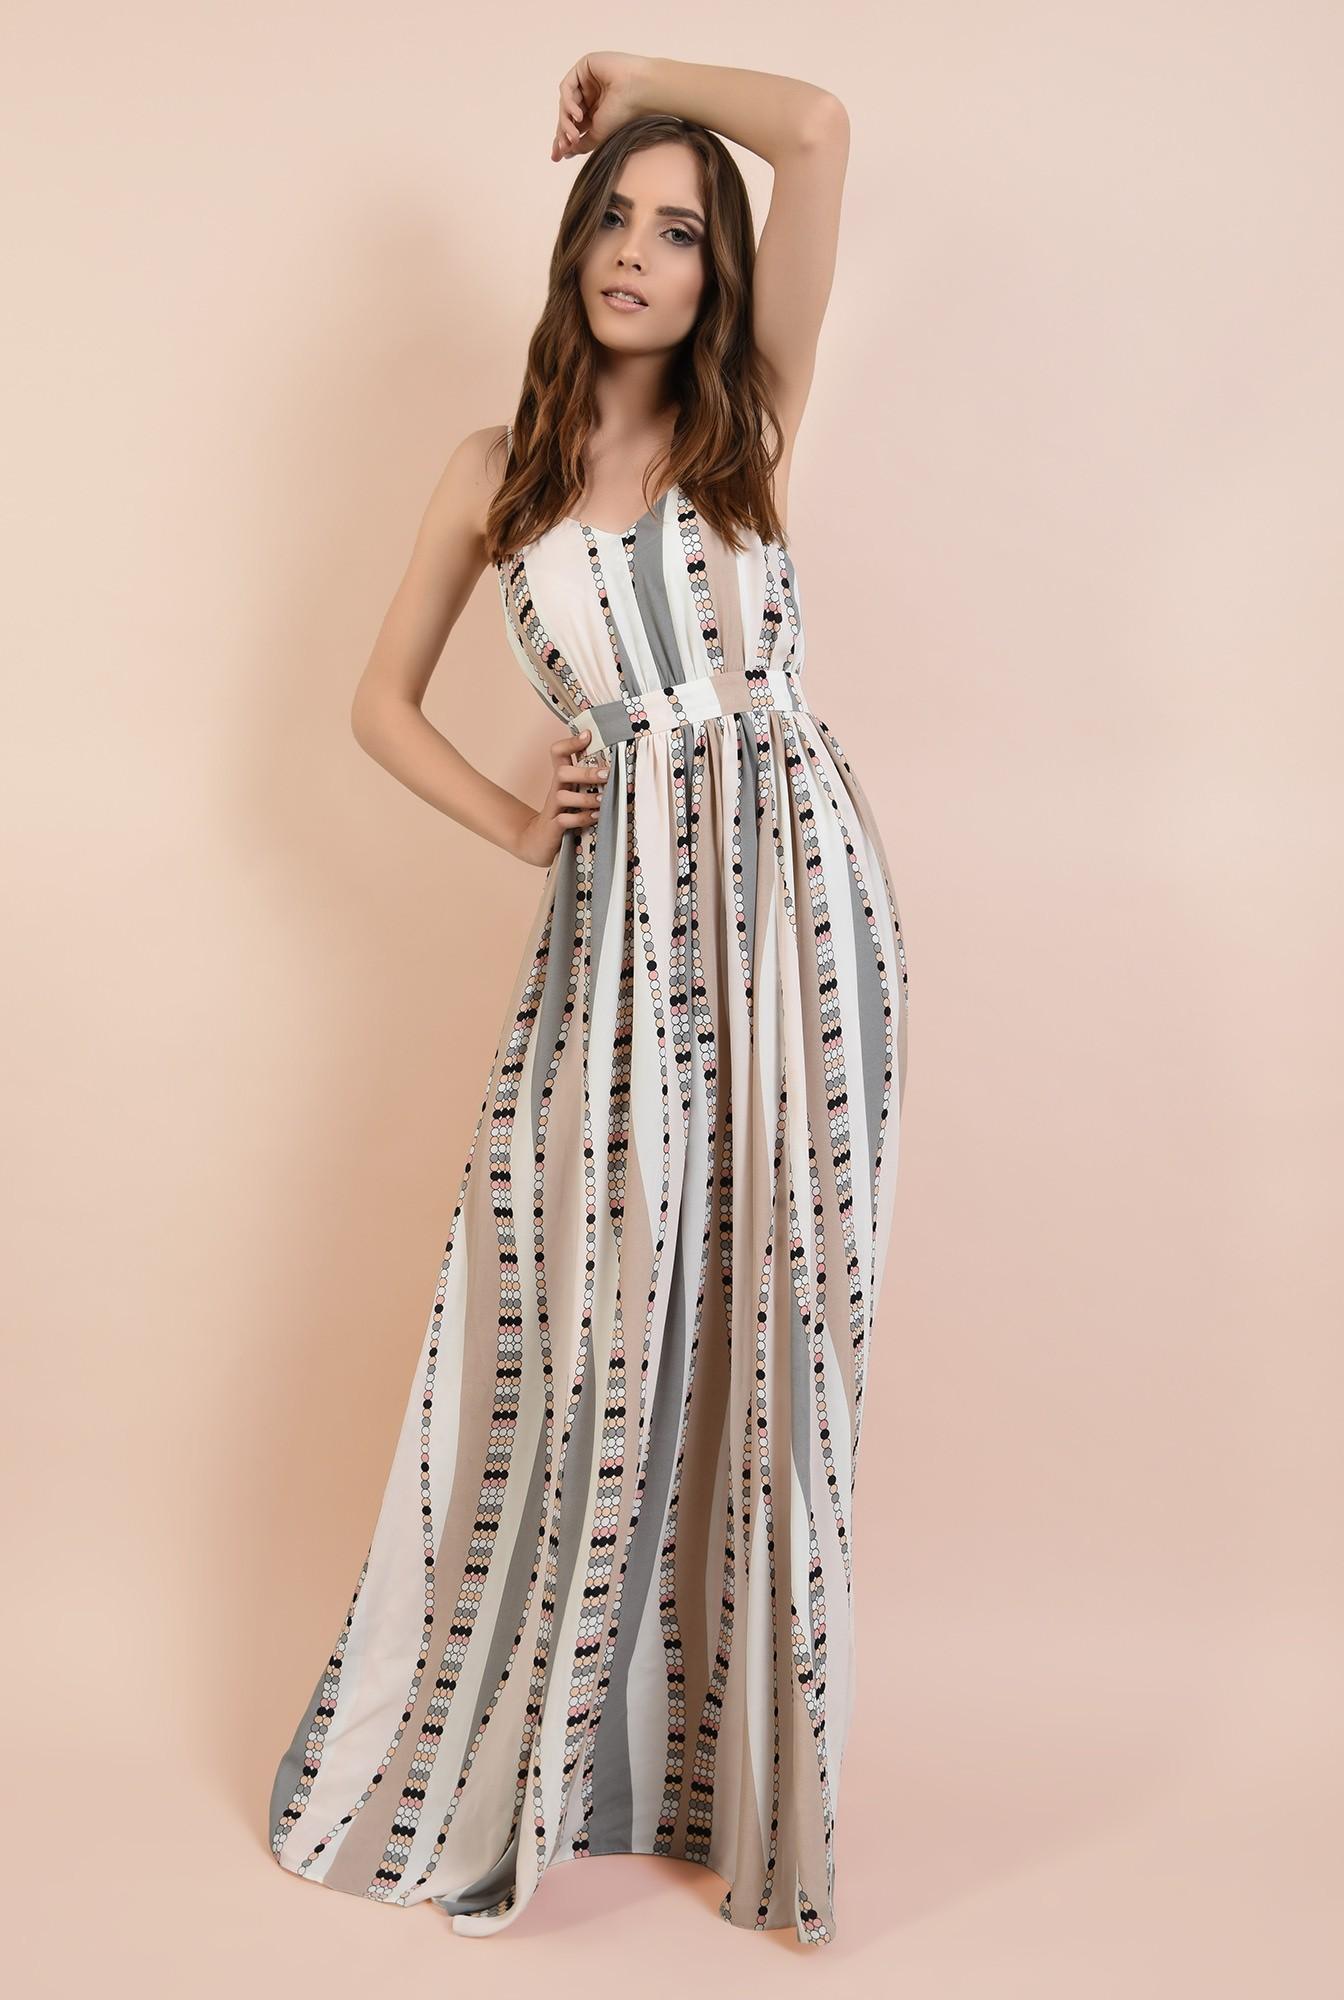 360 - rochie de ocazie, lunga, cu bretele, croi evazat, talie cu betelie, Poema